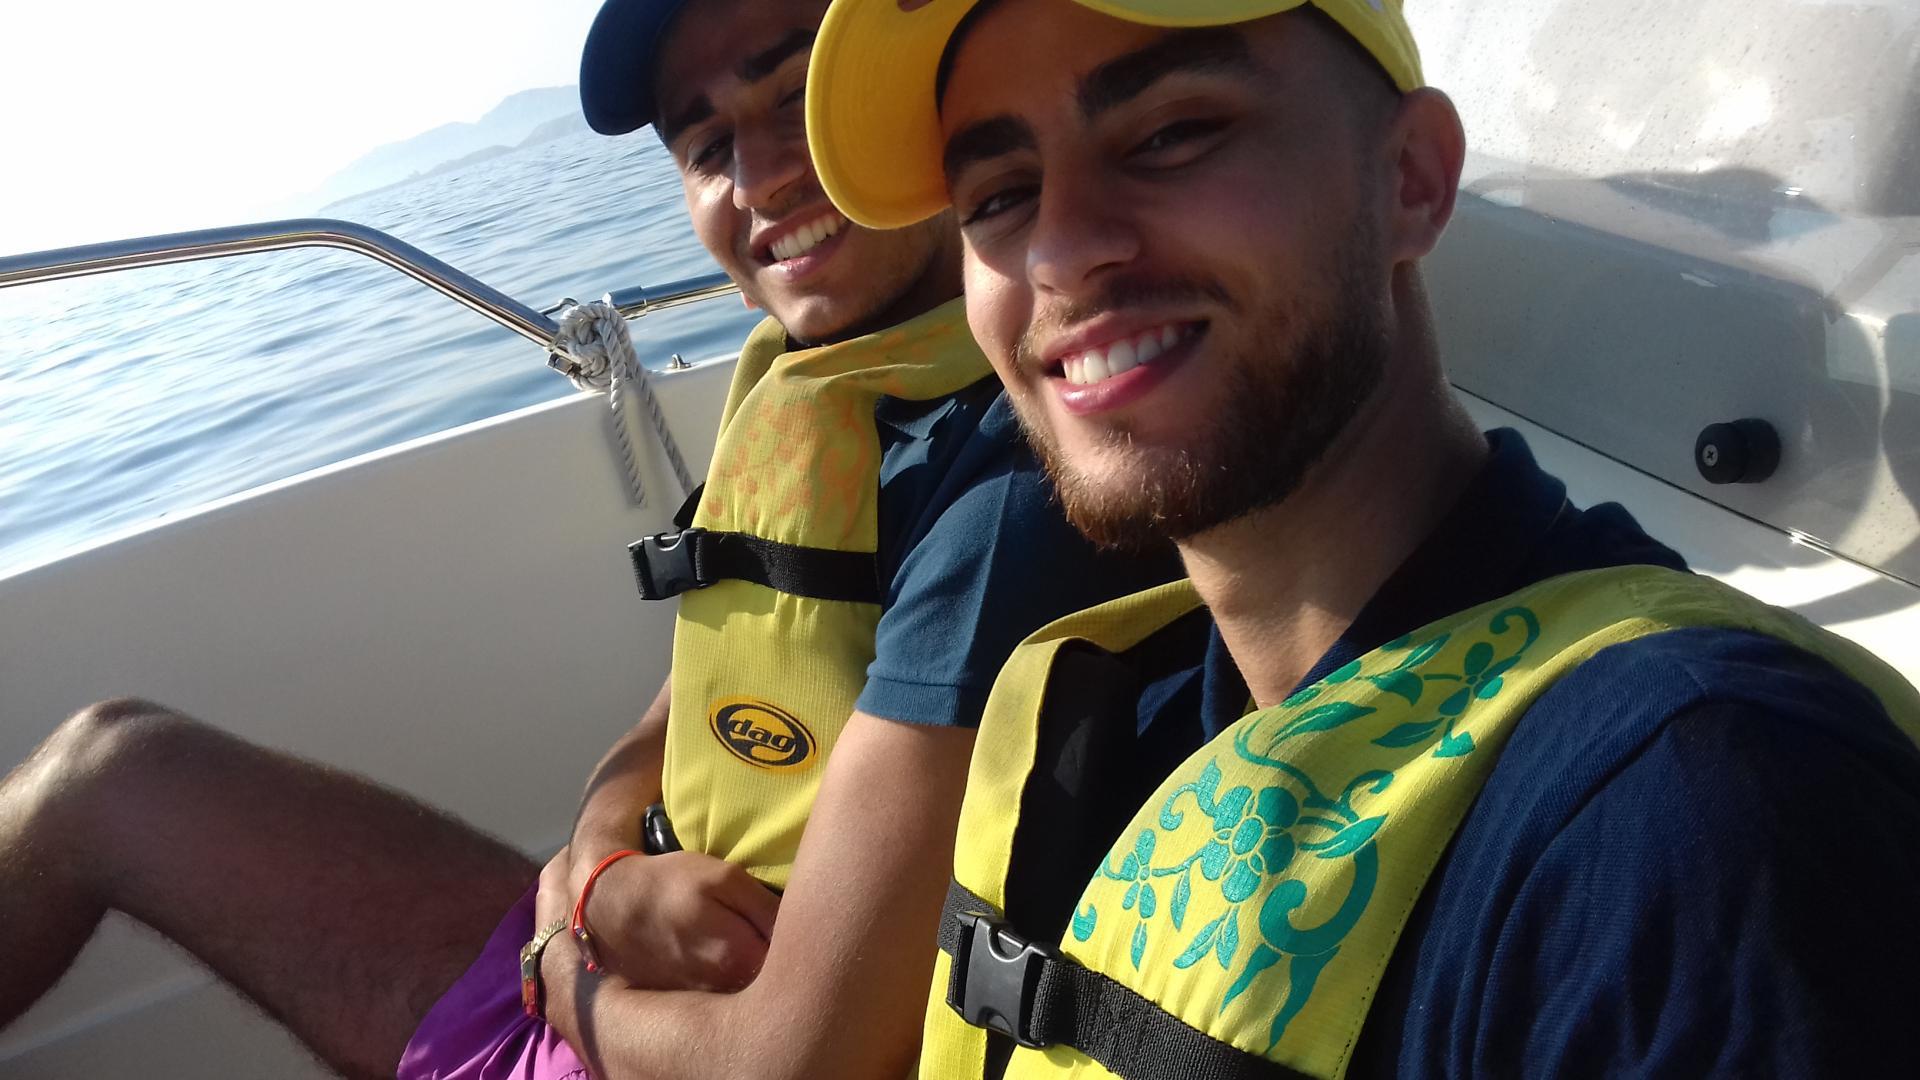 permis bateau des 16 ans